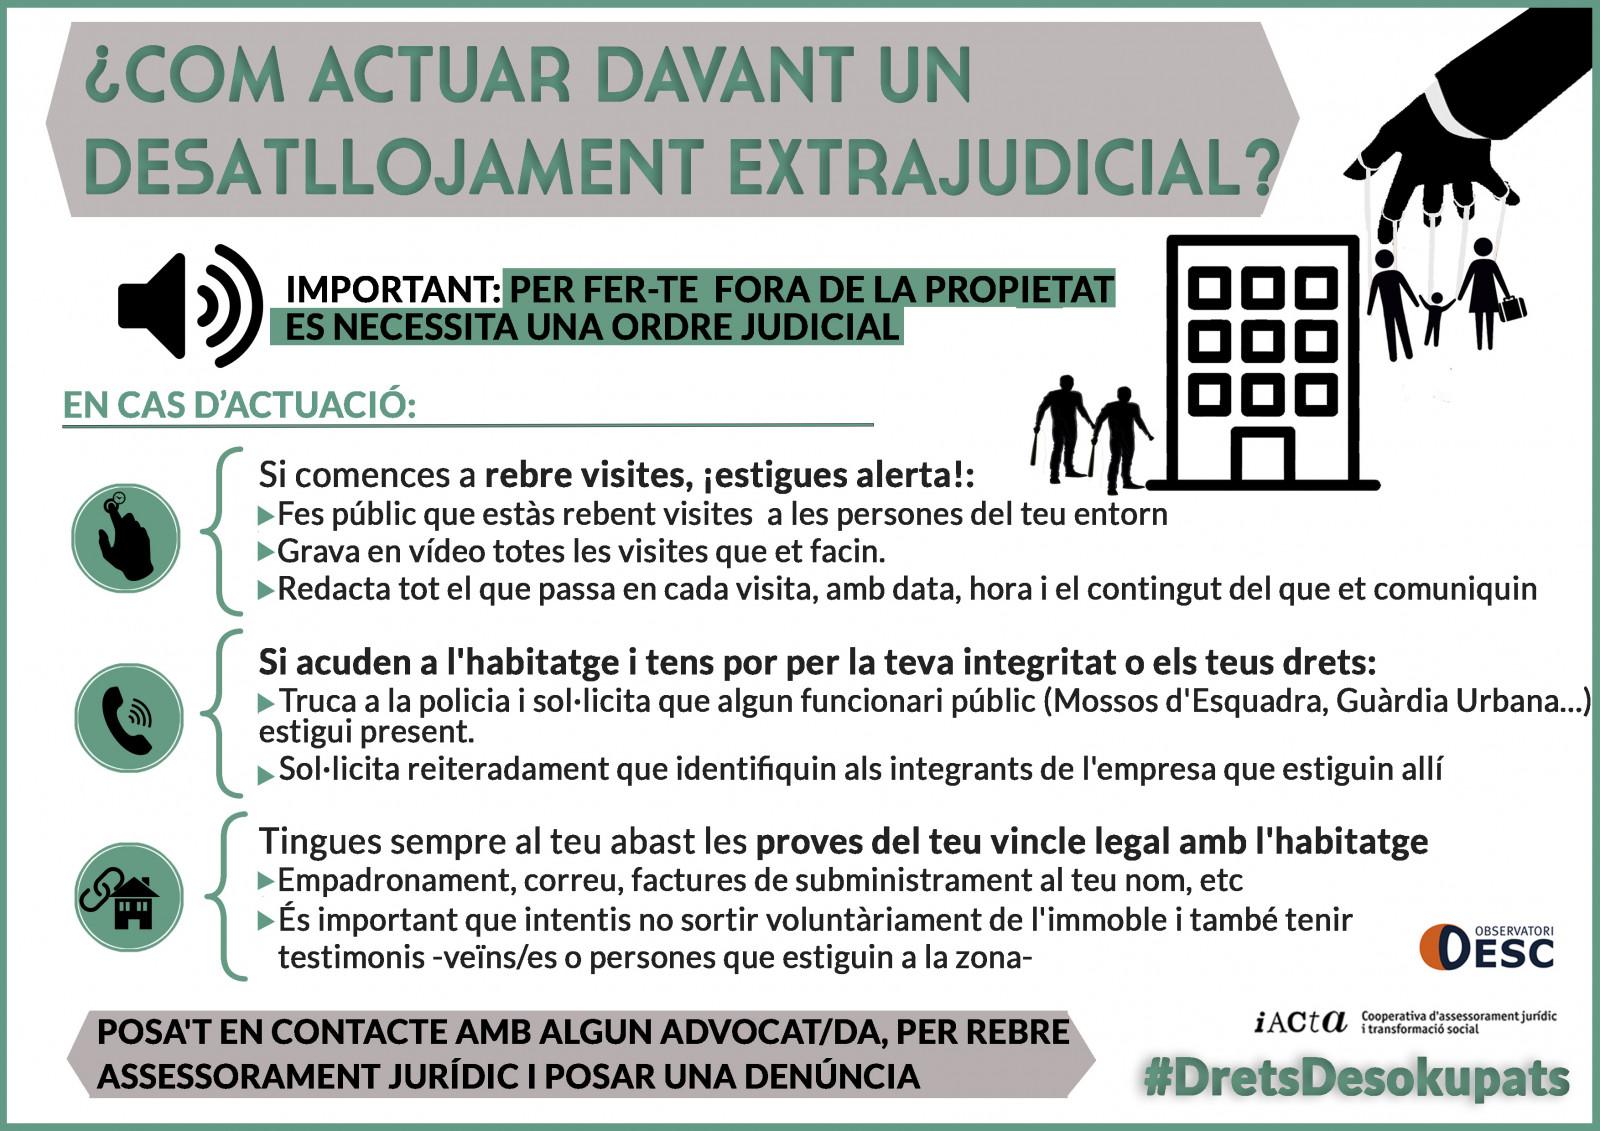 protocolo-desallotjaments-extrajudicials